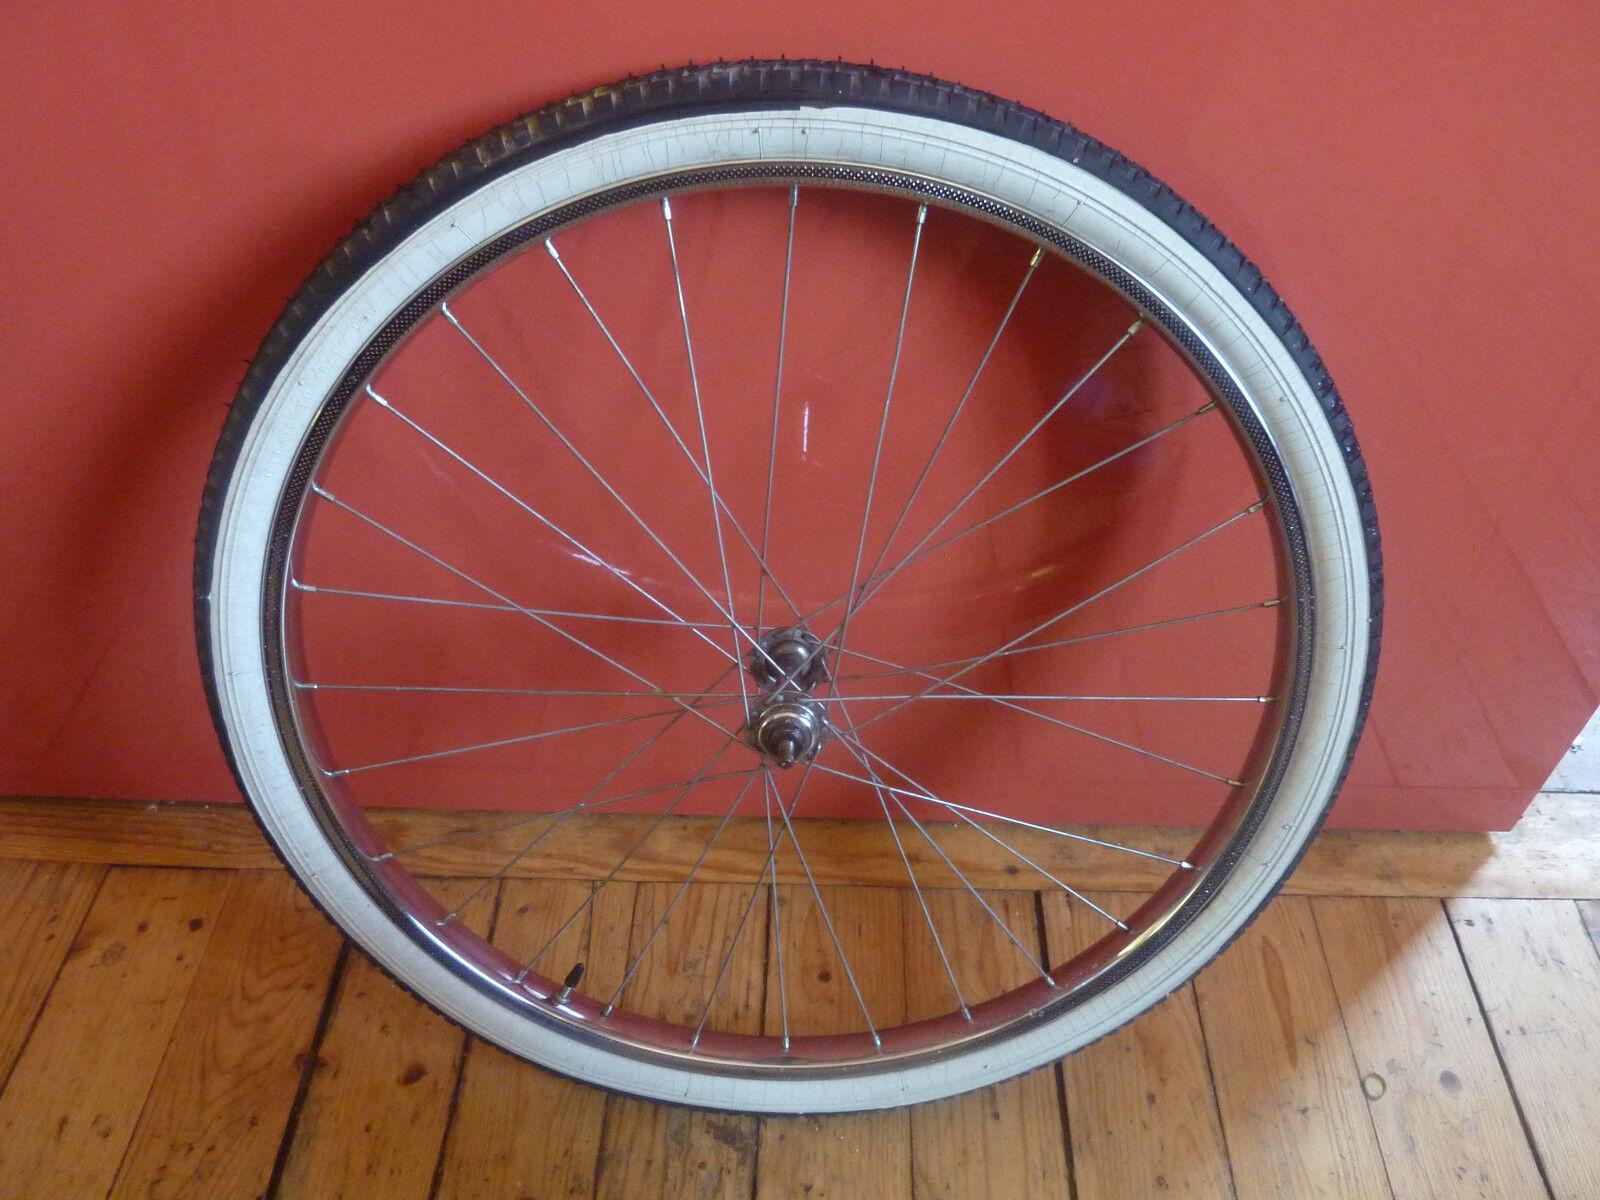 Roue avant de vélo vintage  24 x 1.75  Maccari Torino chromé